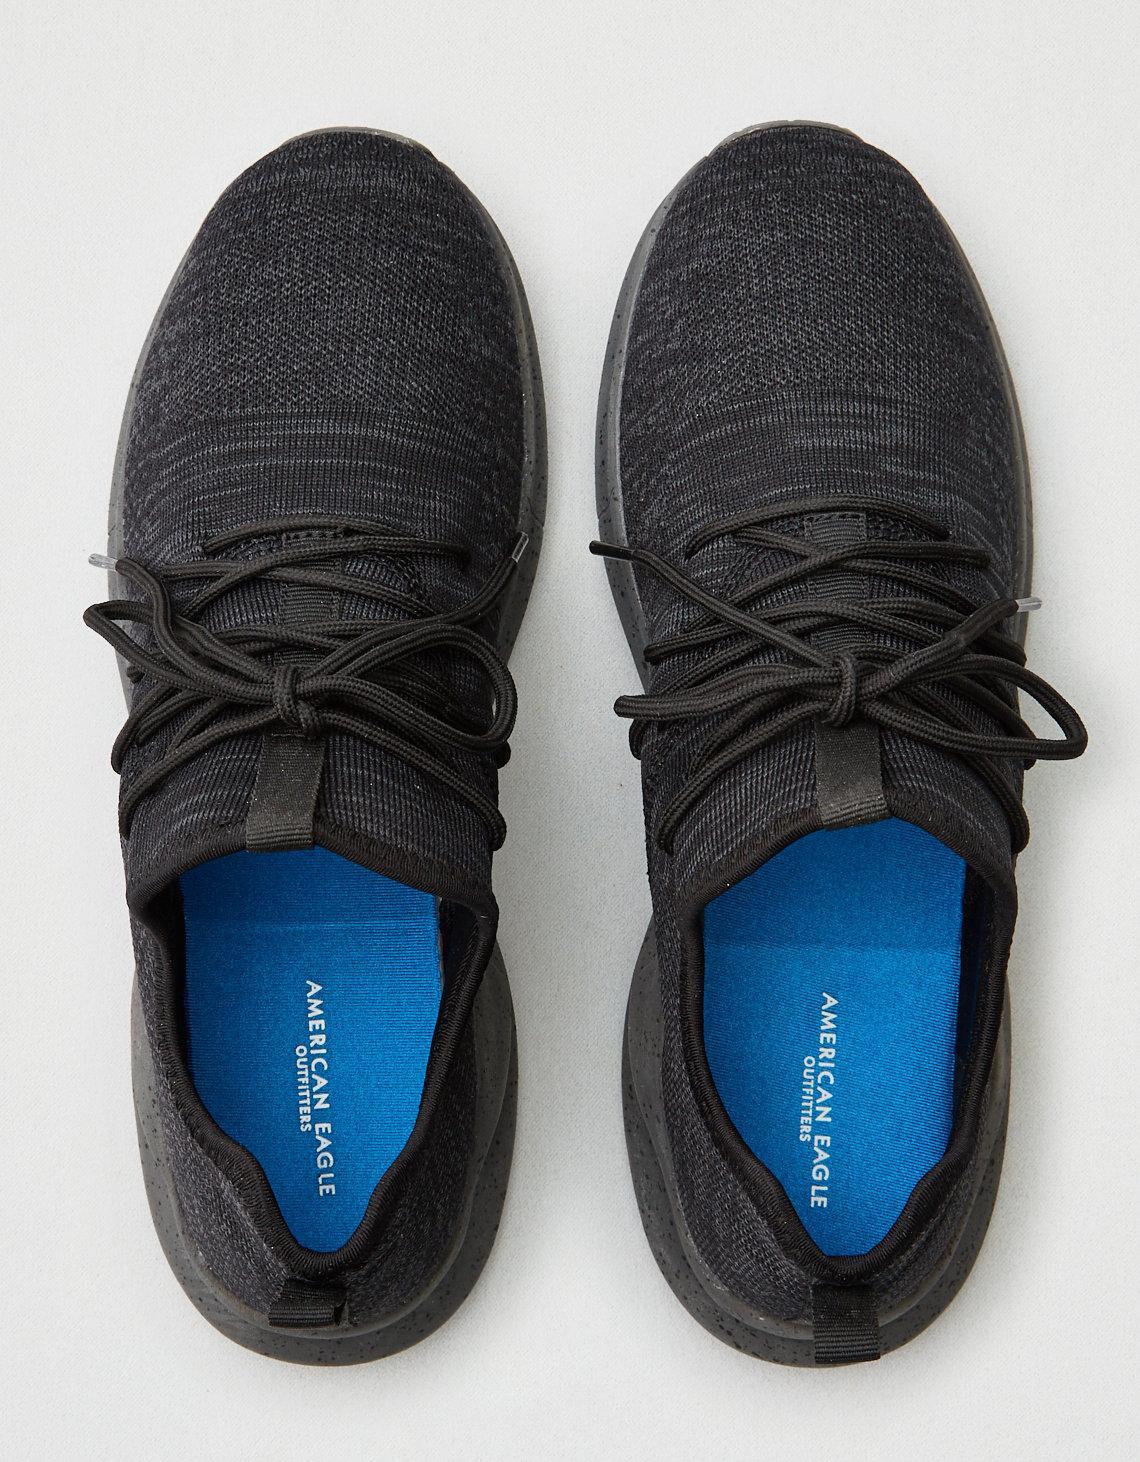 American Eagle Rubber Knit Sneaker in